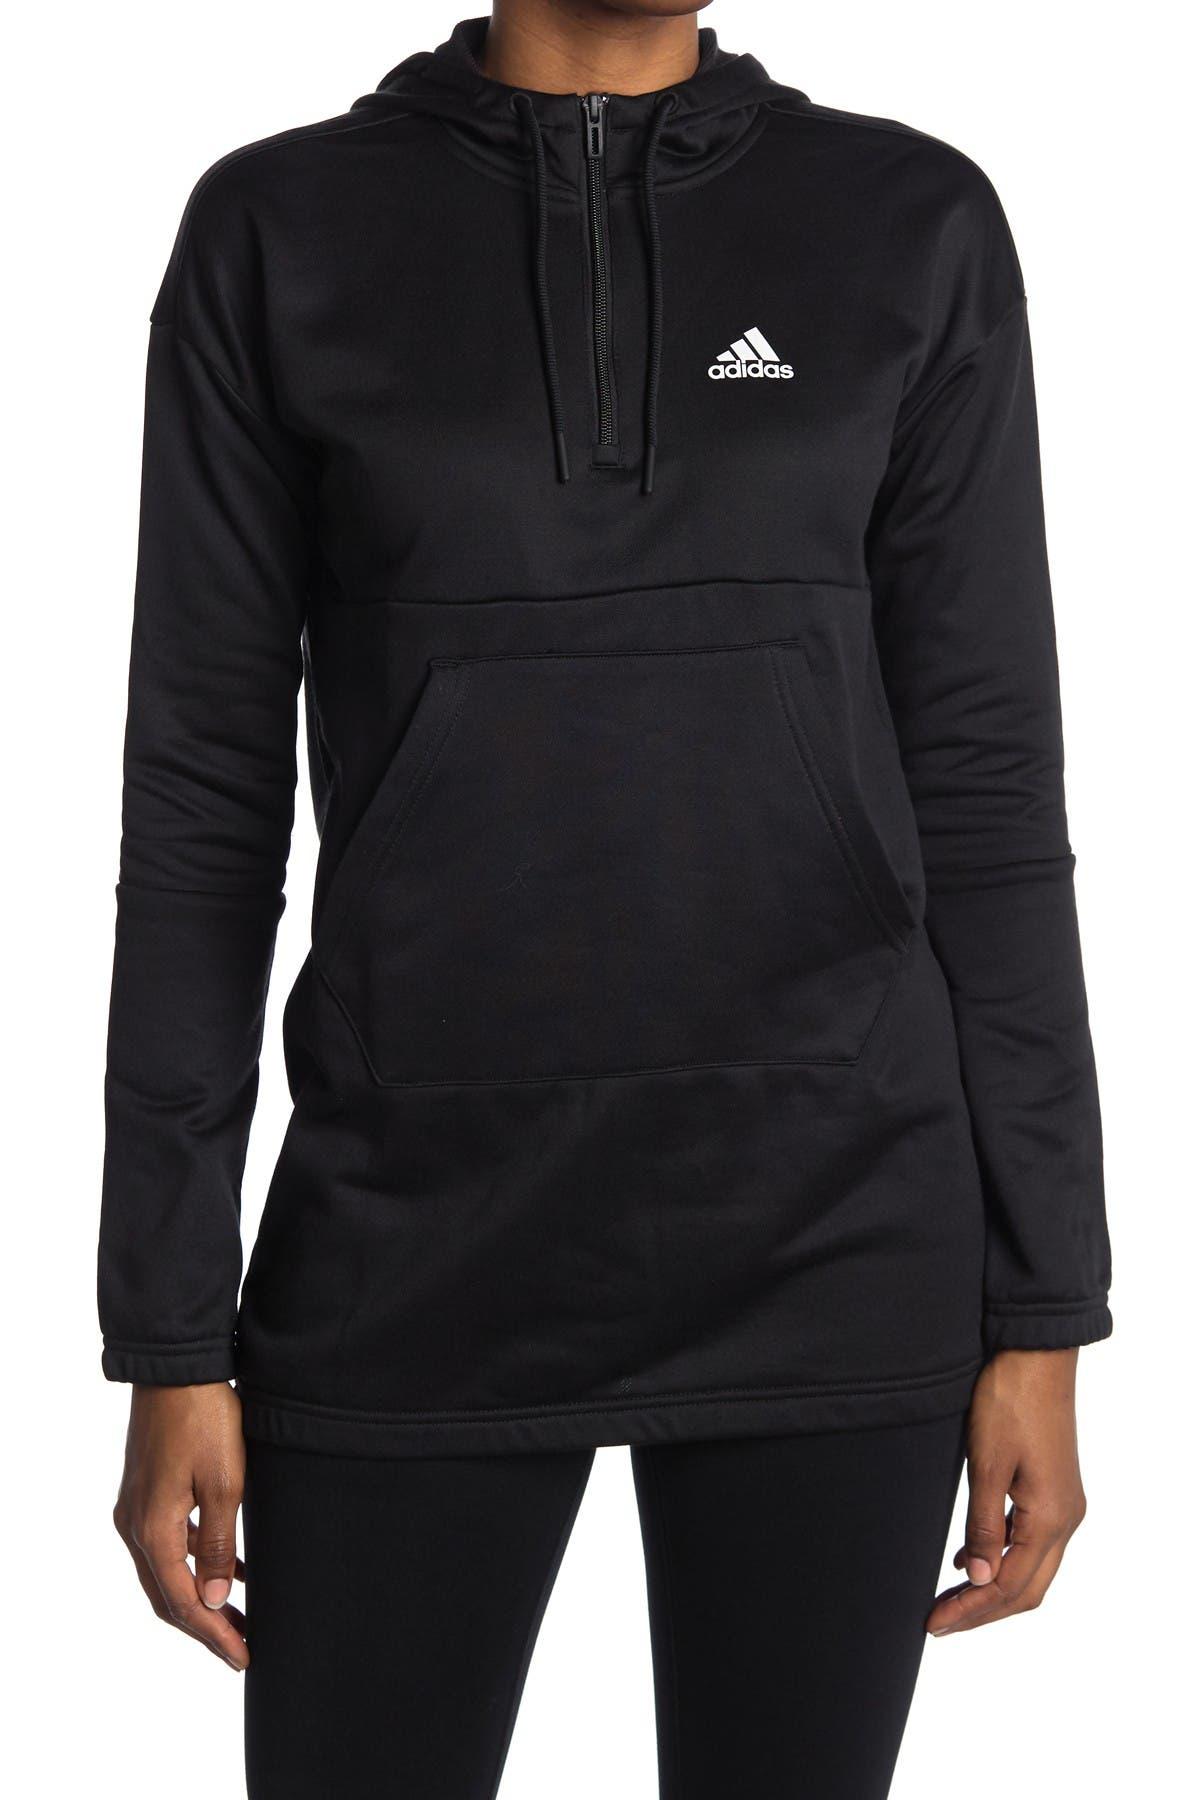 Image of adidas 3/4 Zip Long Line Hoodie